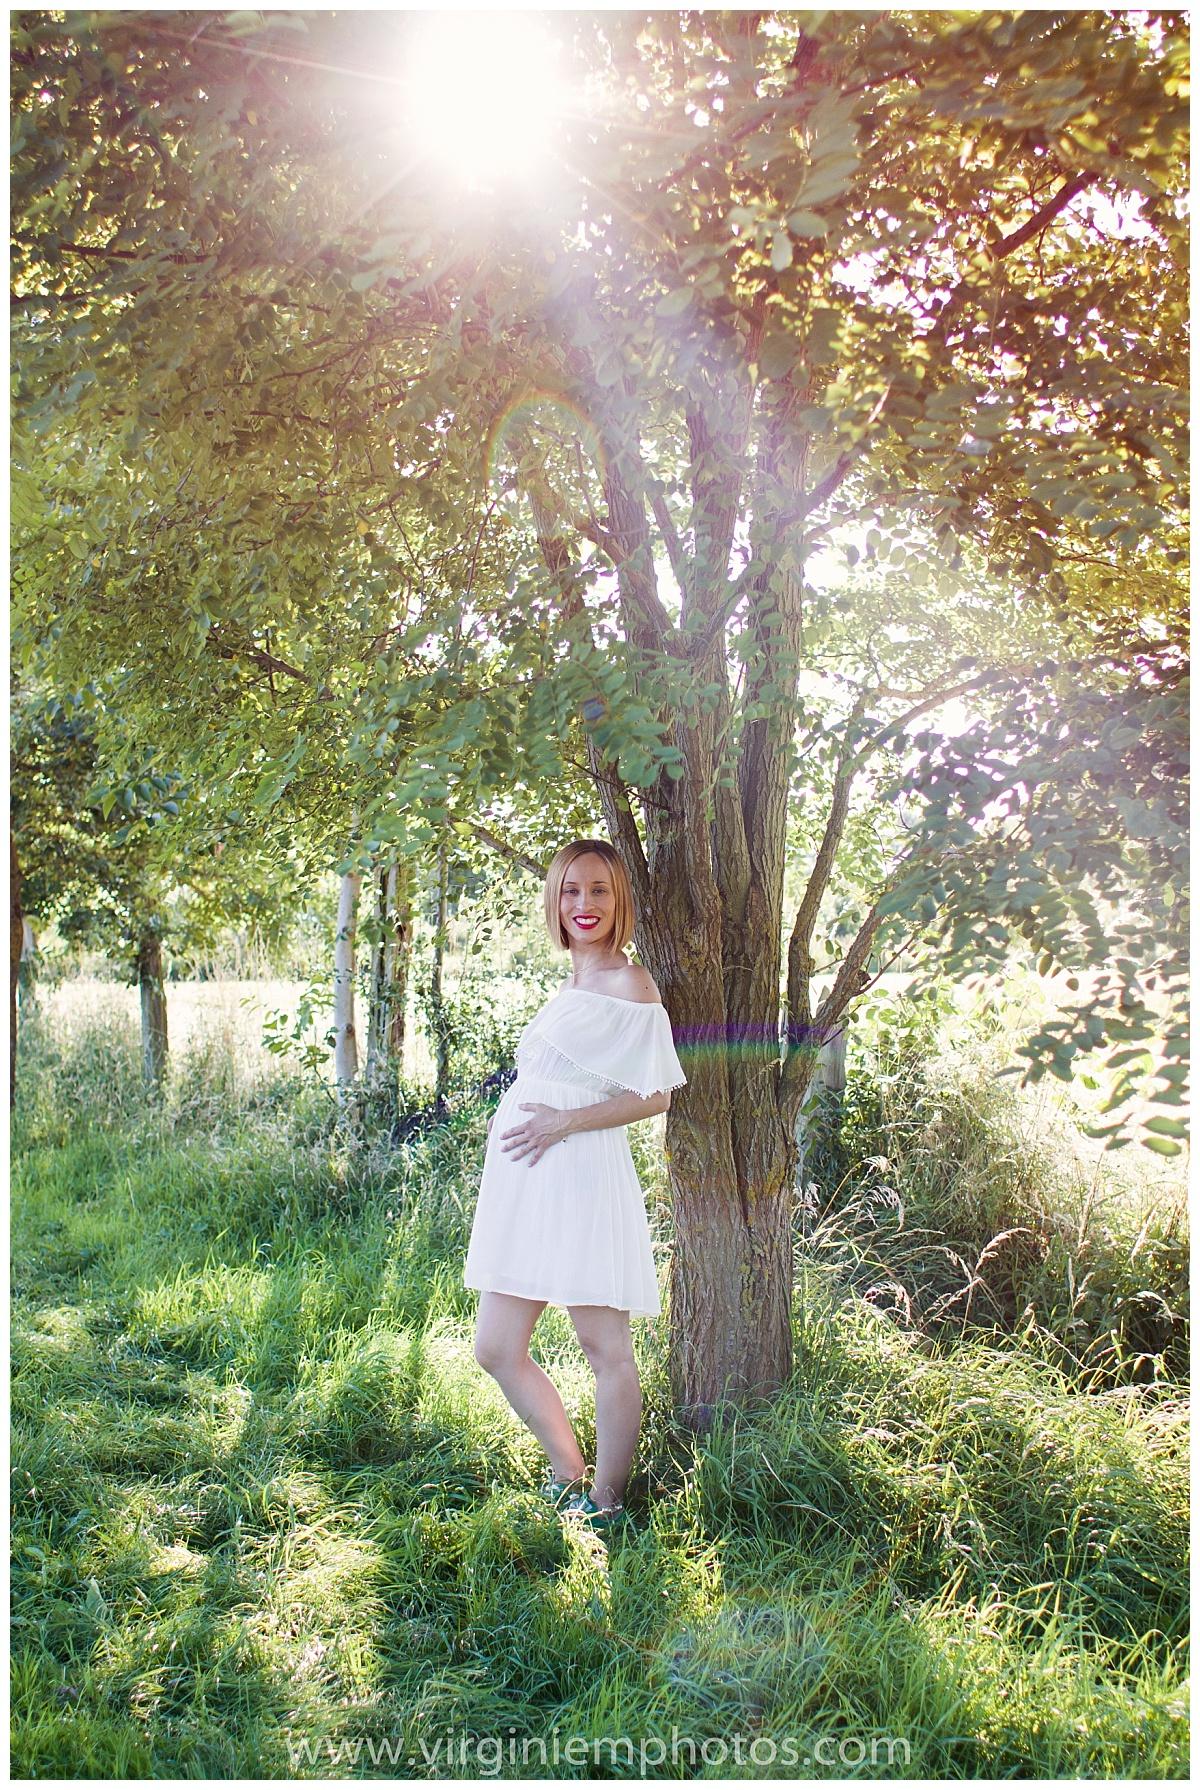 Virginie M. Photos-photographe maternité nord-photographe grossesse nord-photos extérieur-grossesse-nord-photographe (10)